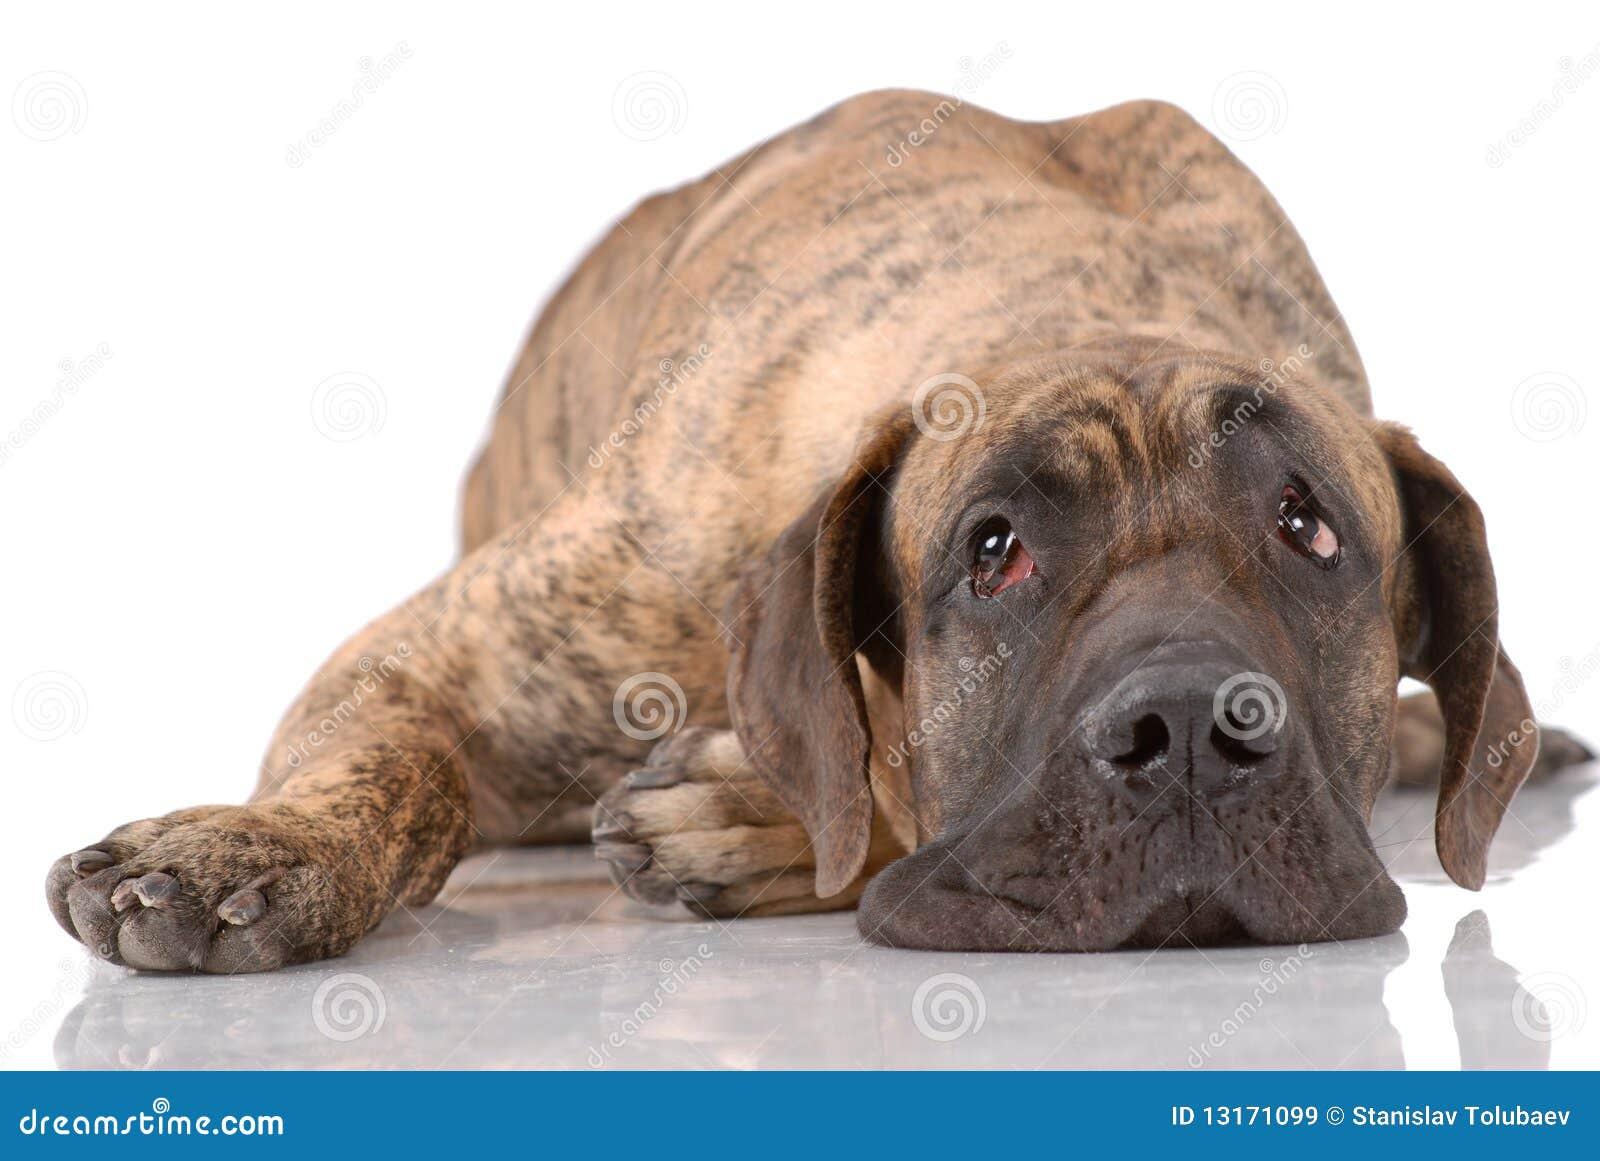 German Mastiff German mastiff isolated on